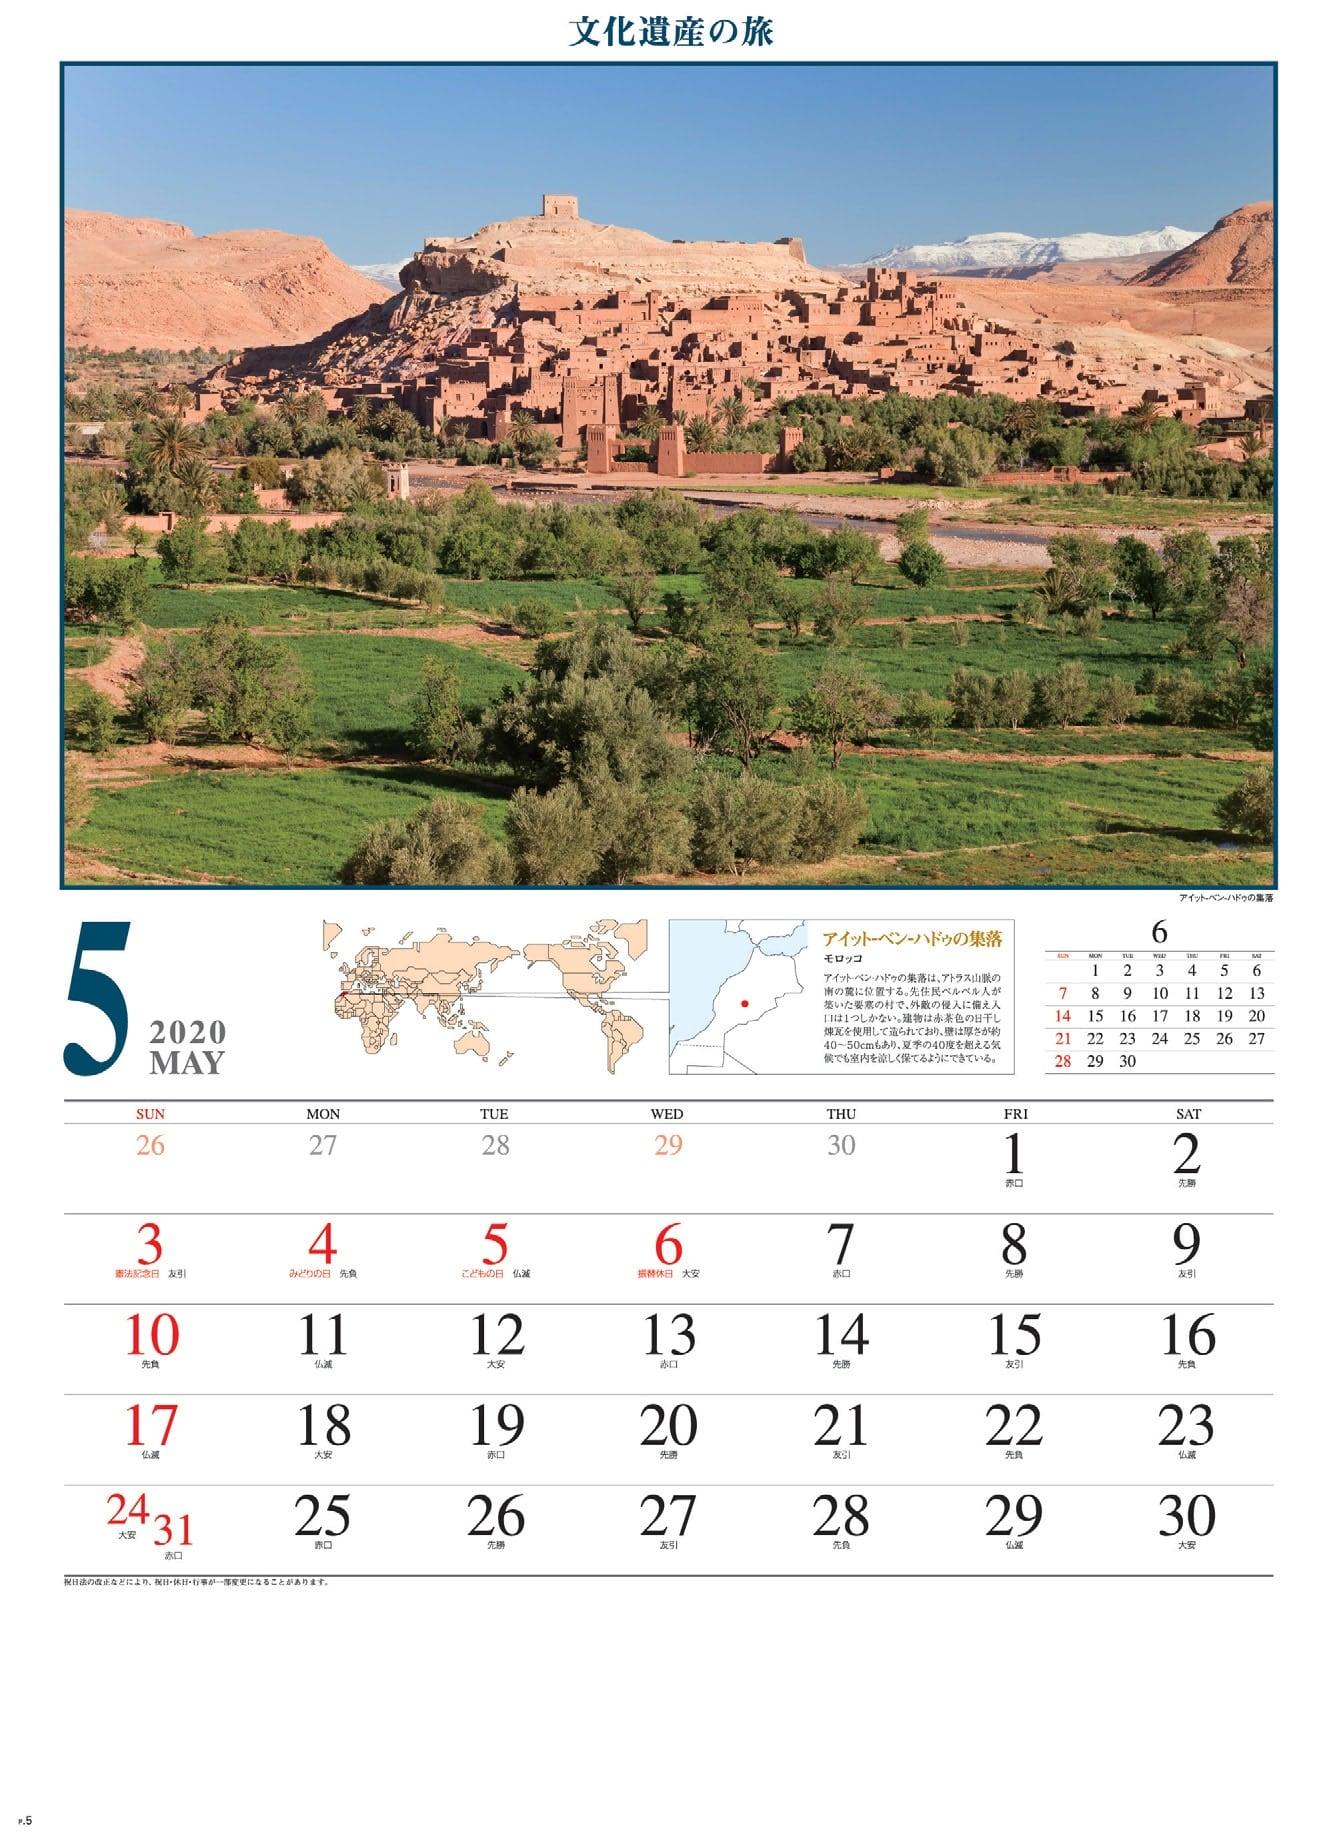 画像:アイット・ベン・ハドゥの集落(モロッコ) 文化遺産の旅(ユネスコ世界遺産) 2020年カレンダー